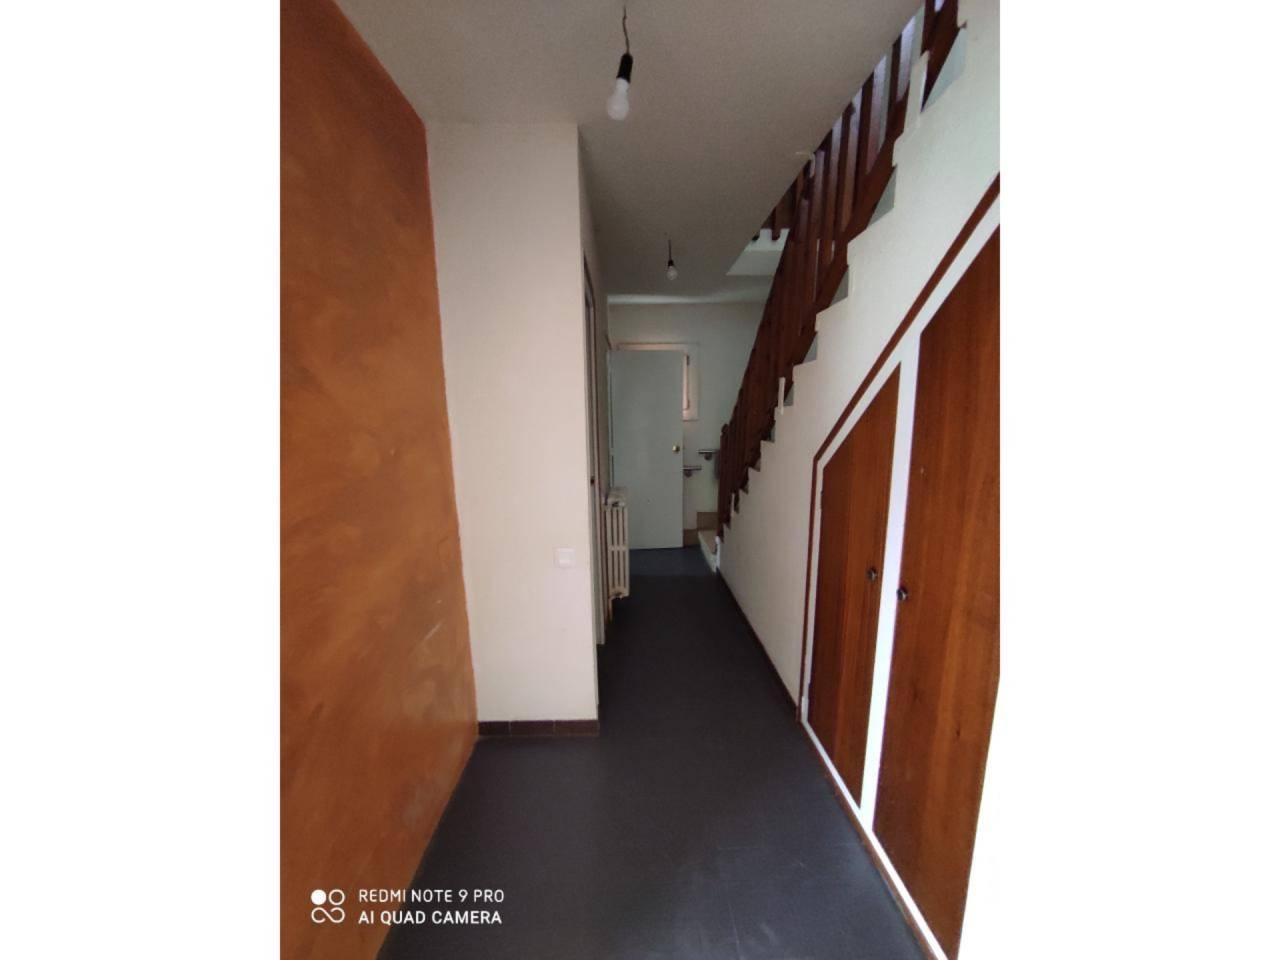 Xalet de lloguer a La Massana, 4 habitacions, 240 metres